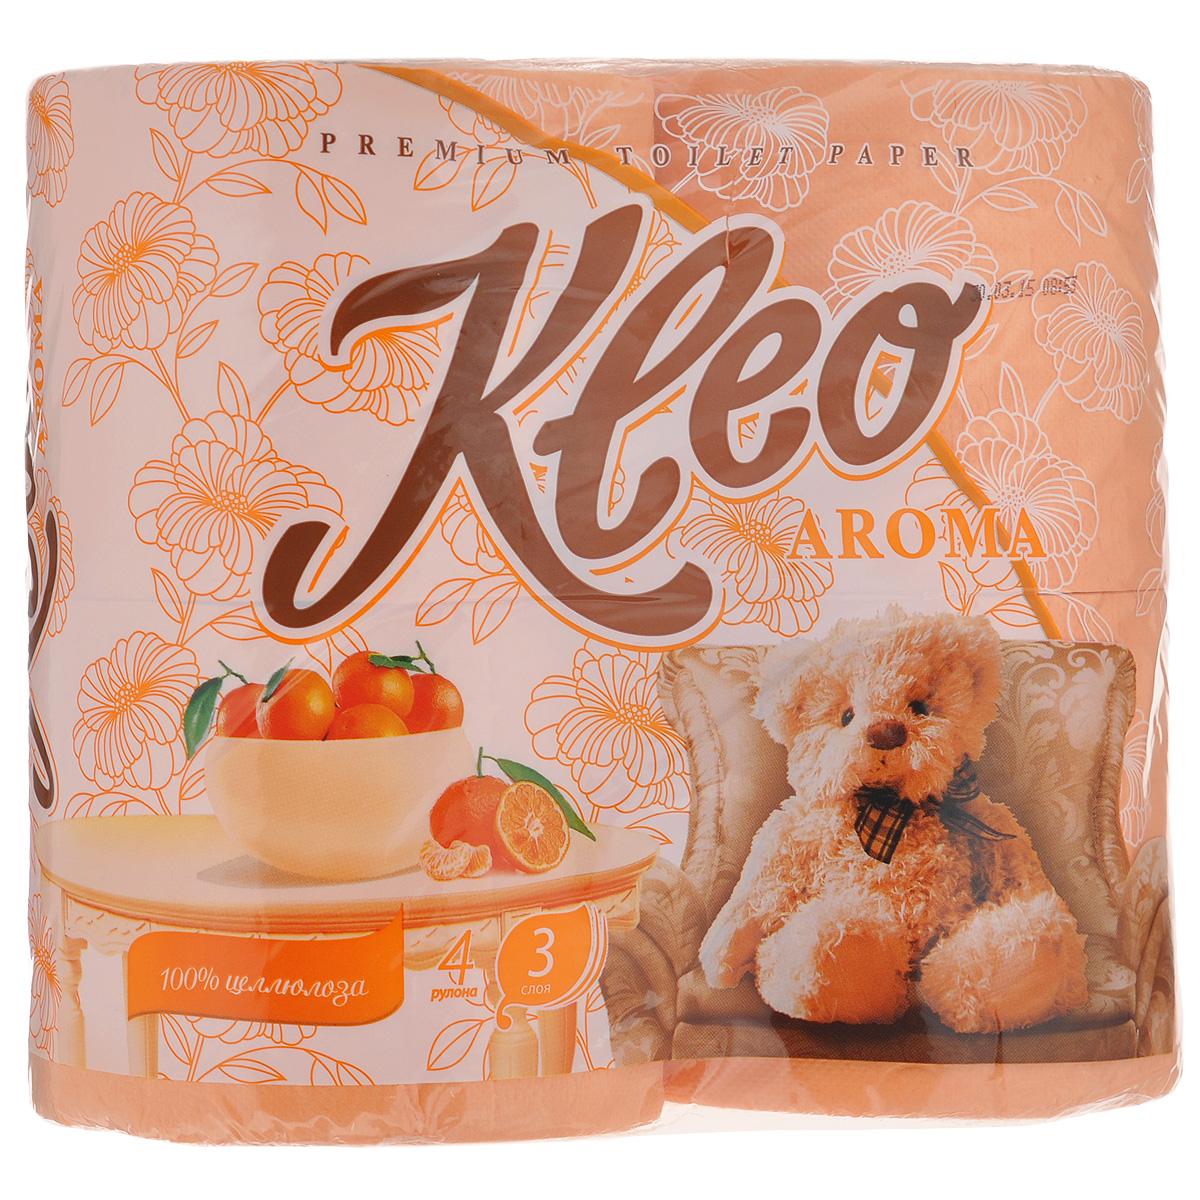 Туалетная бумага Kleo Aroma. Mandarin, трехслойная, цвет: персиковый, 4 рулона010-01199-23Туалетная бумага Kleo Aroma. Mandarin, выполненная из натуральной целлюлозы, обеспечивает превосходный комфорт и ощущение чистоты и свежести. Имеет приятный аромат мандарина. Необыкновенно мягкая, но в тоже время прочная, бумага не расслаивается и отрывается строго по линии перфорации. Трехслойные листы имеют рисунок с перфорацией.Количество листов: 168 шт. Количество слоев: 3. Размер листа: 12,5 см х 9,6 см. Состав: 100% целлюлоза, ароматизатор.